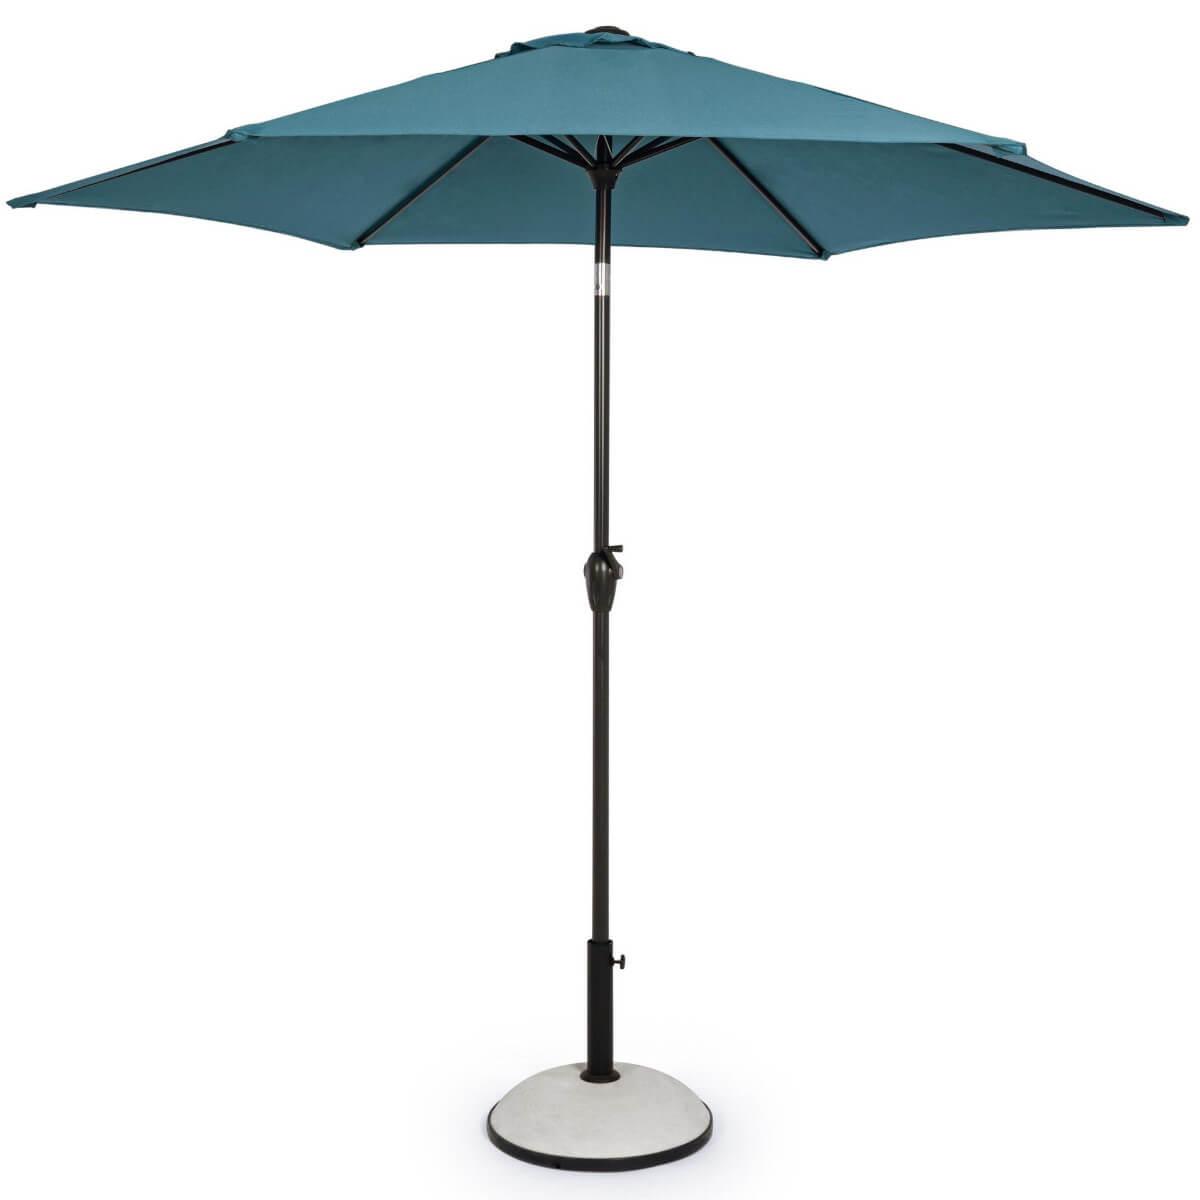 Зонт 4villa Салерно 270 см бирюзовый